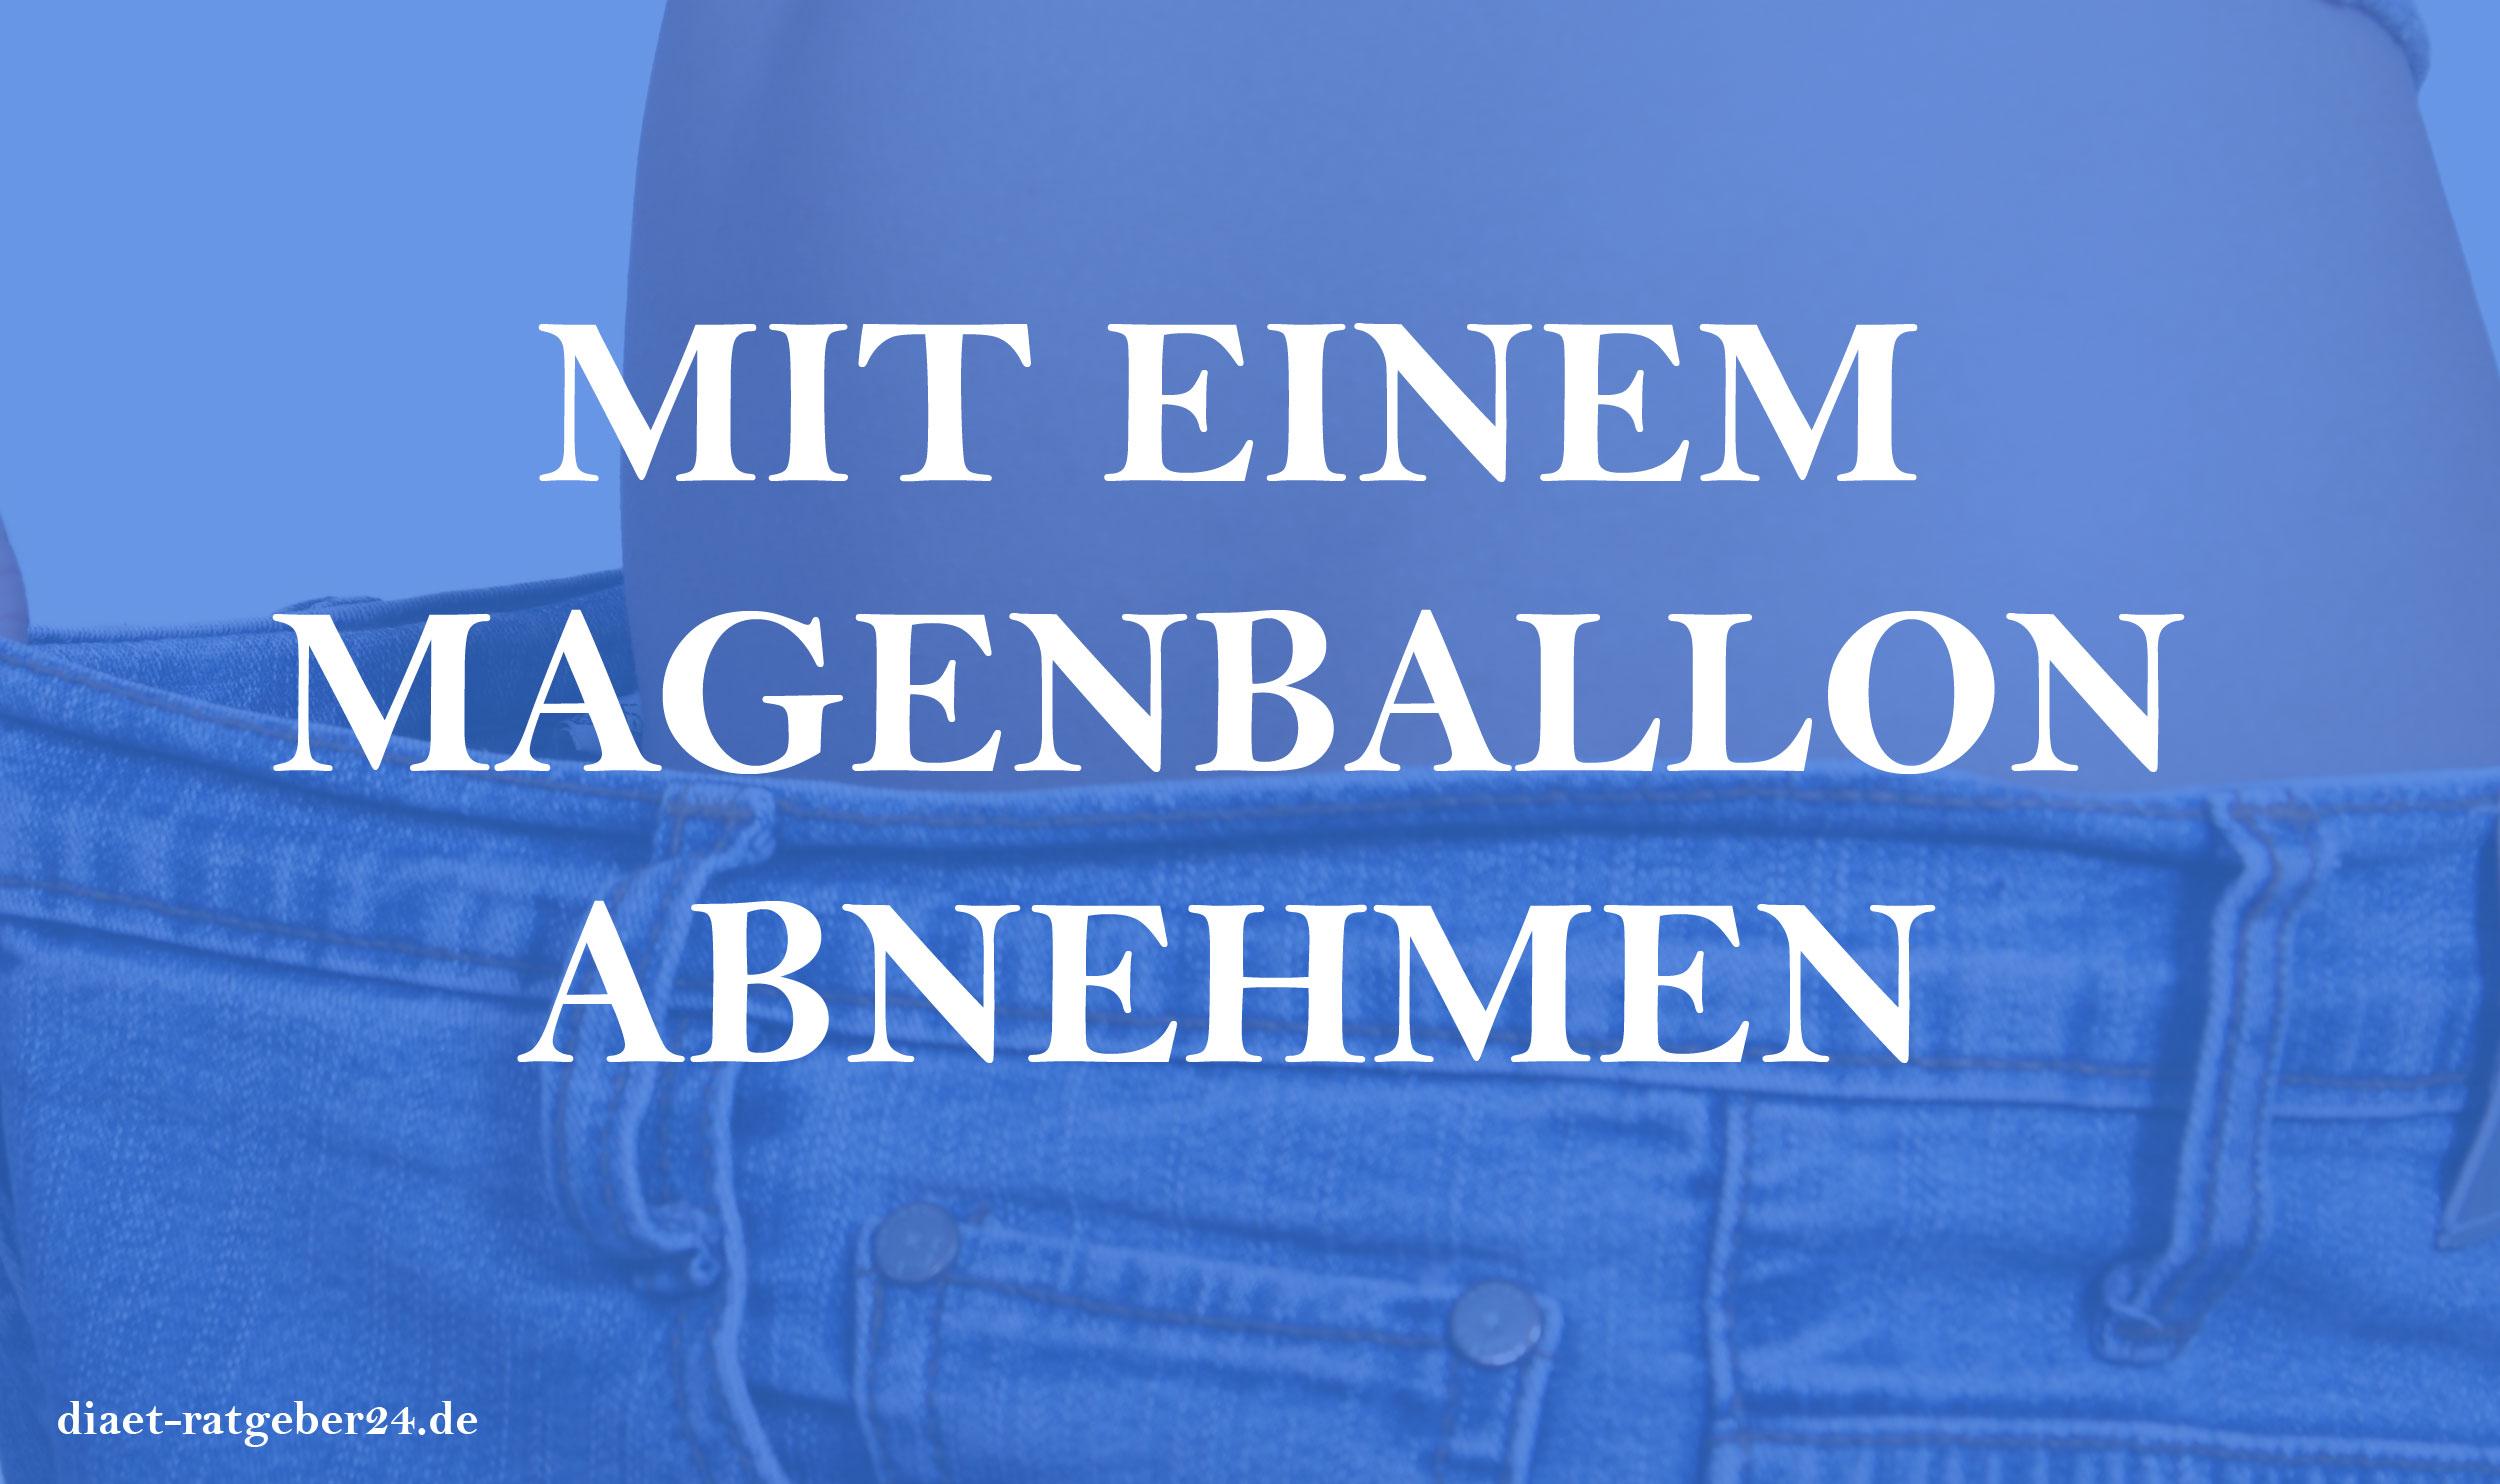 Magenballon zum Abnehmen